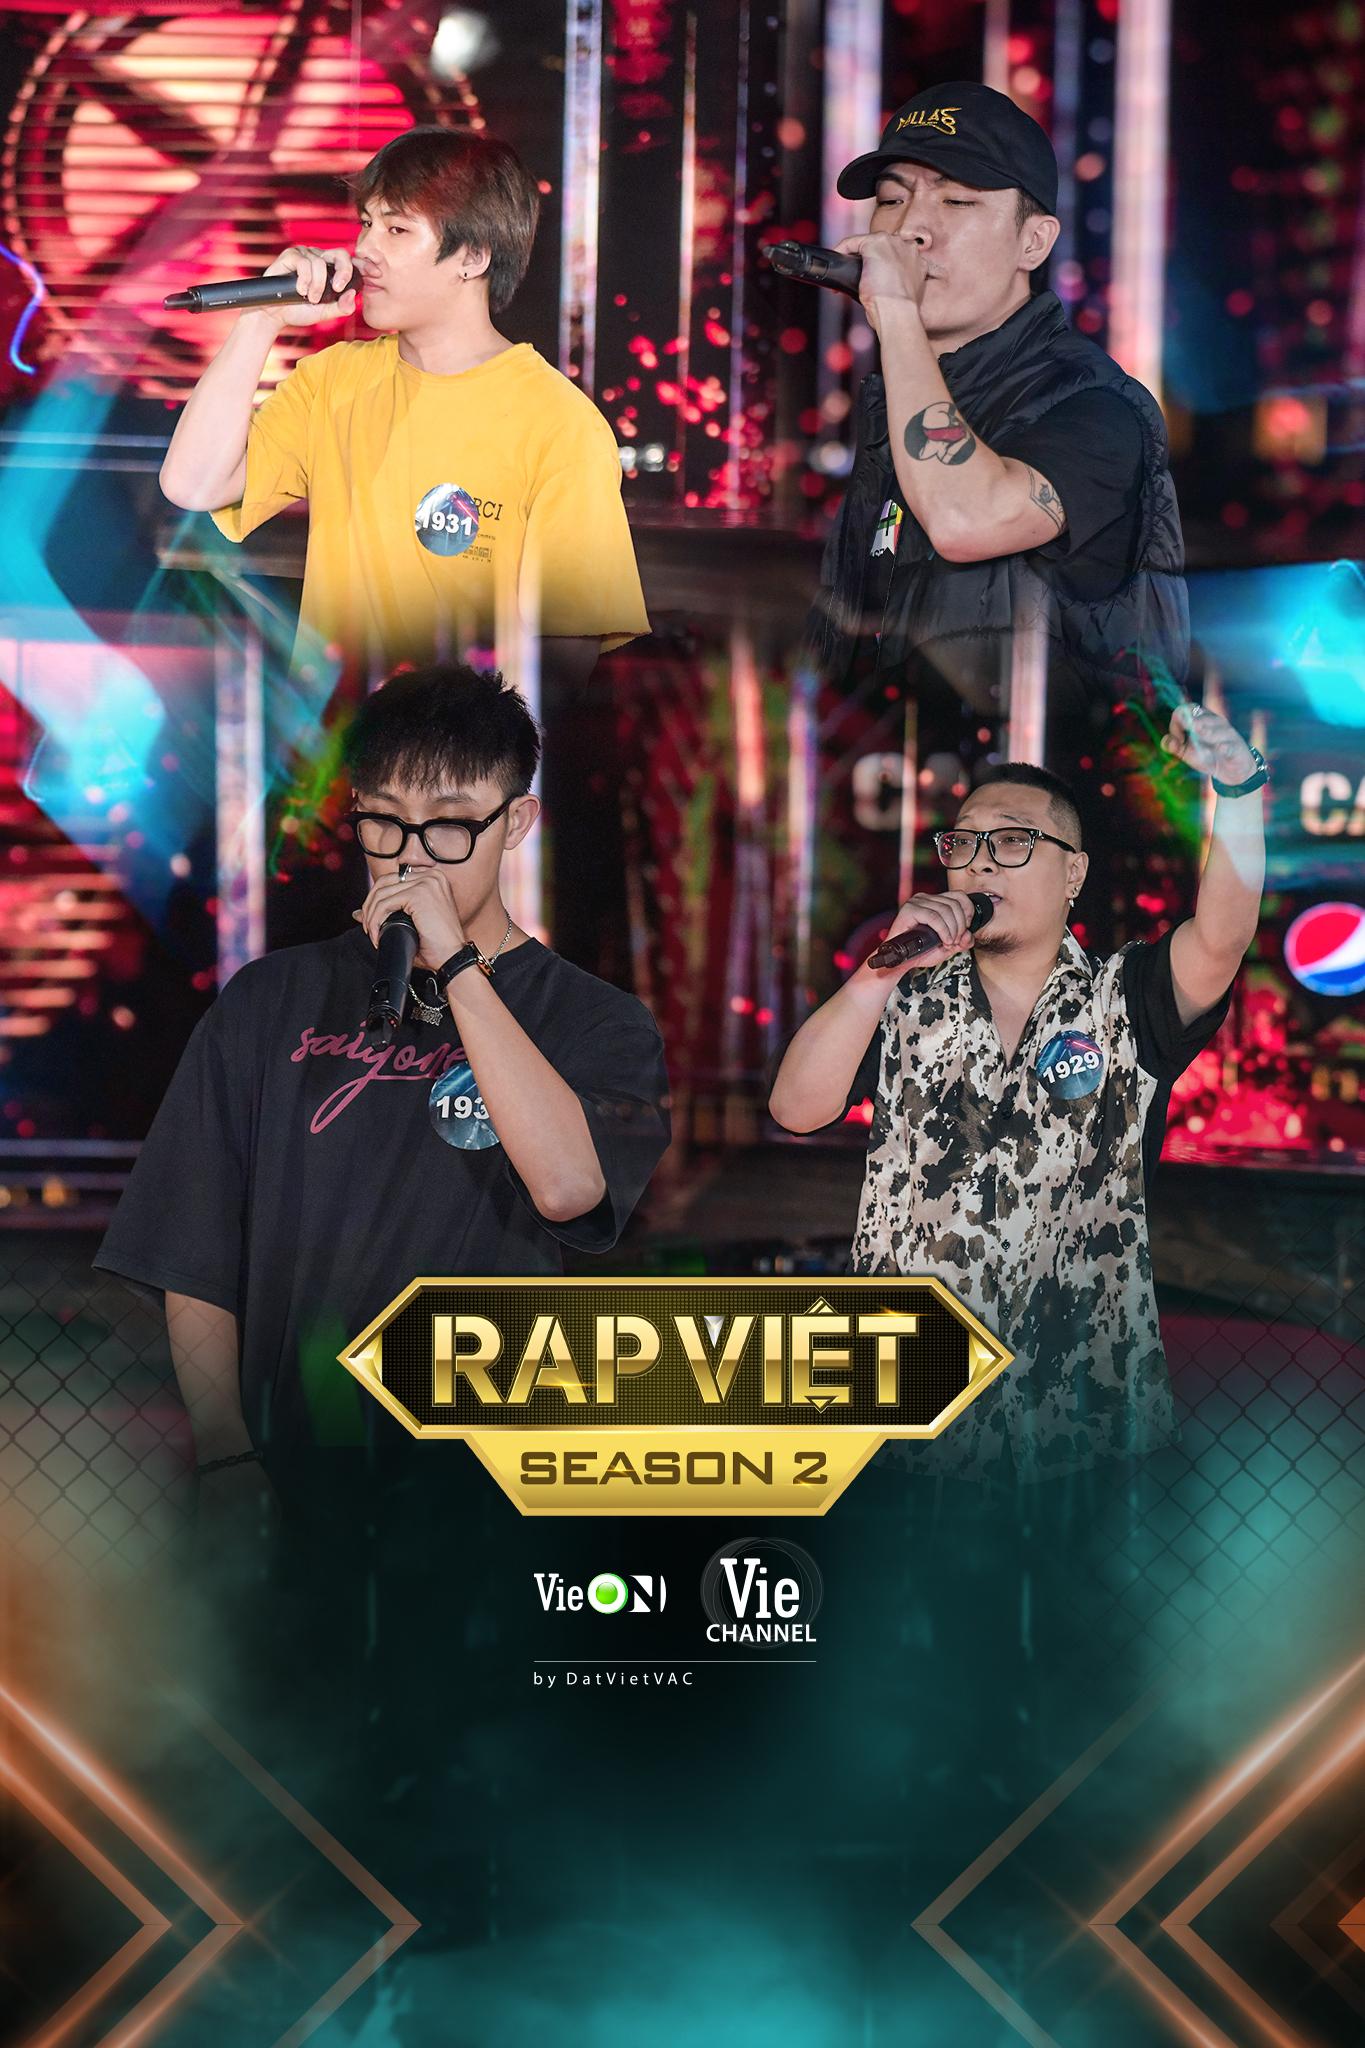 Touliver hào hứng với chất lượng thí sinh mùa 2 và hứa hẹn Rap Việt năm nay sẽ cực cháy